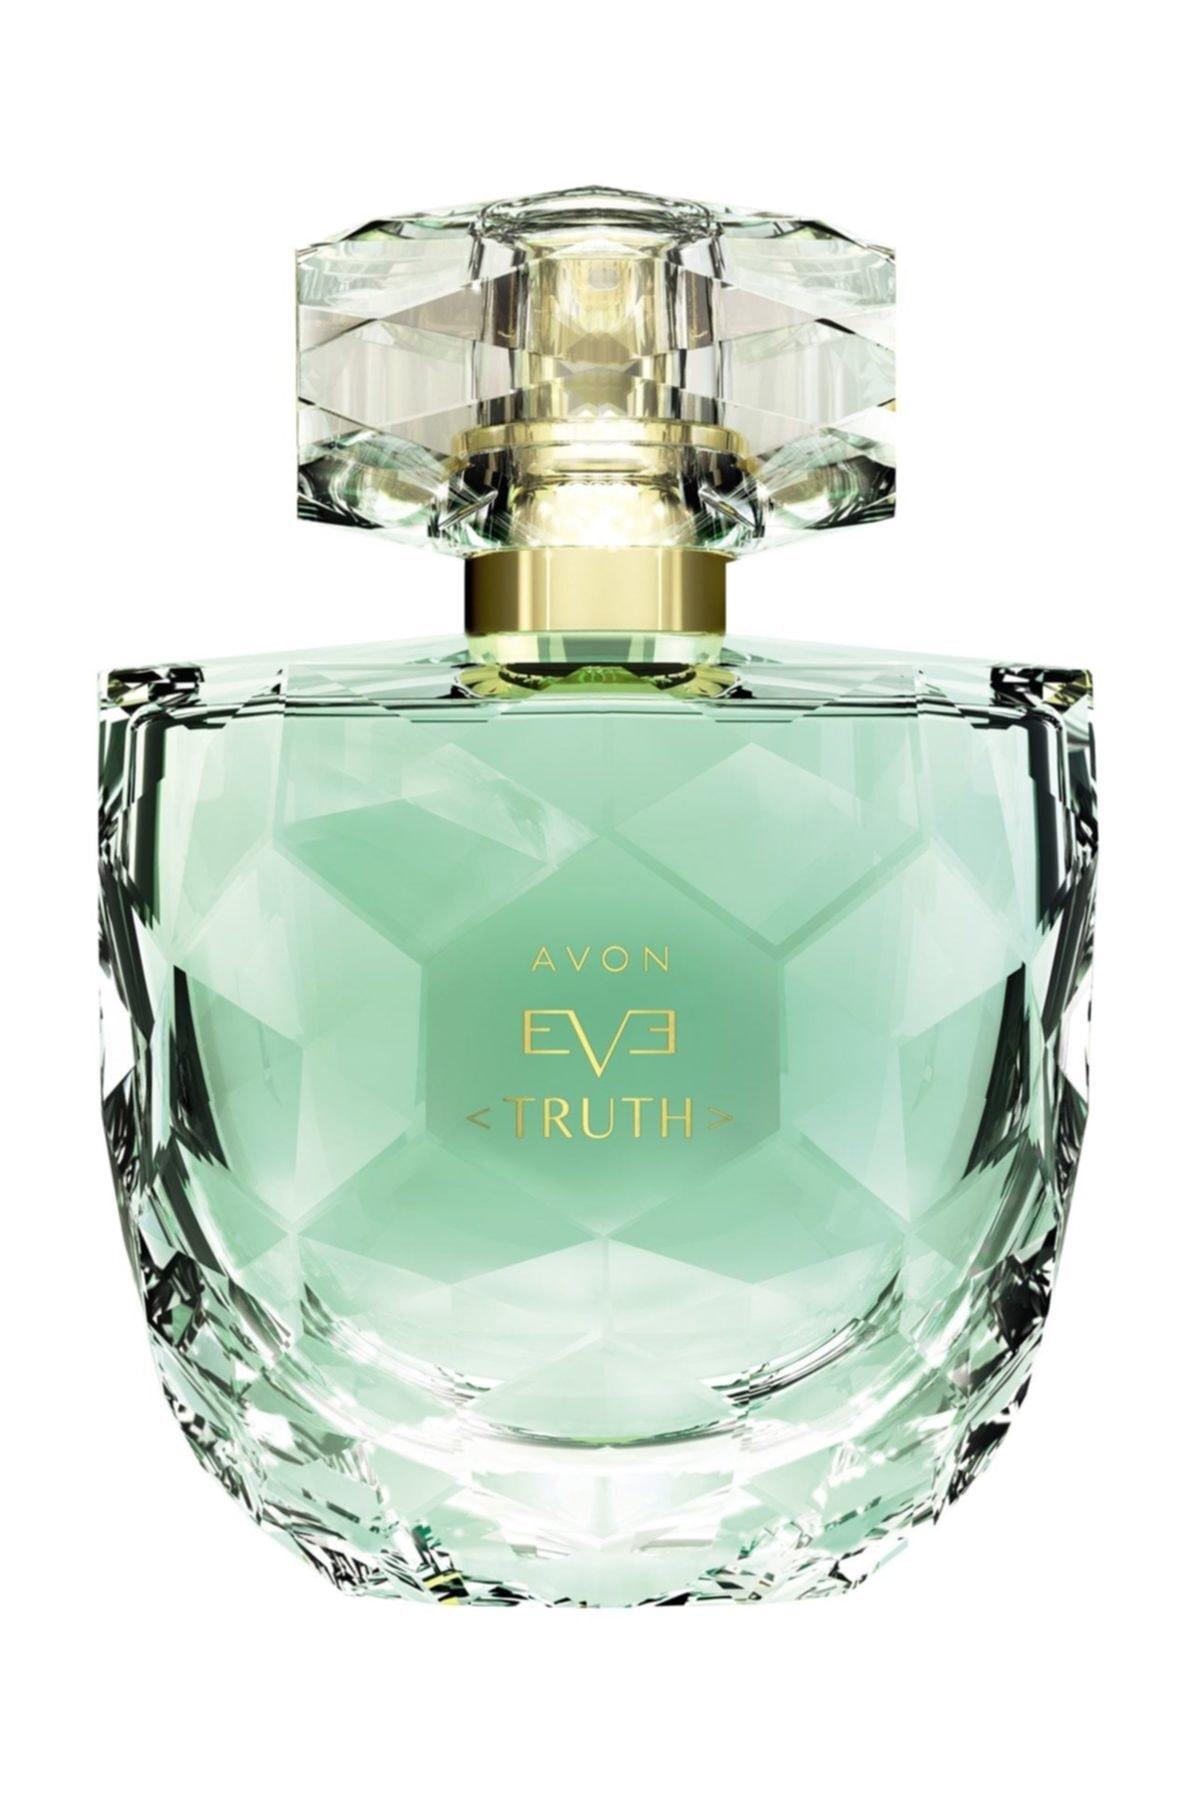 AVON Eve Truth Edp 50 Ml Kadın Parfümü 5050136776640 1